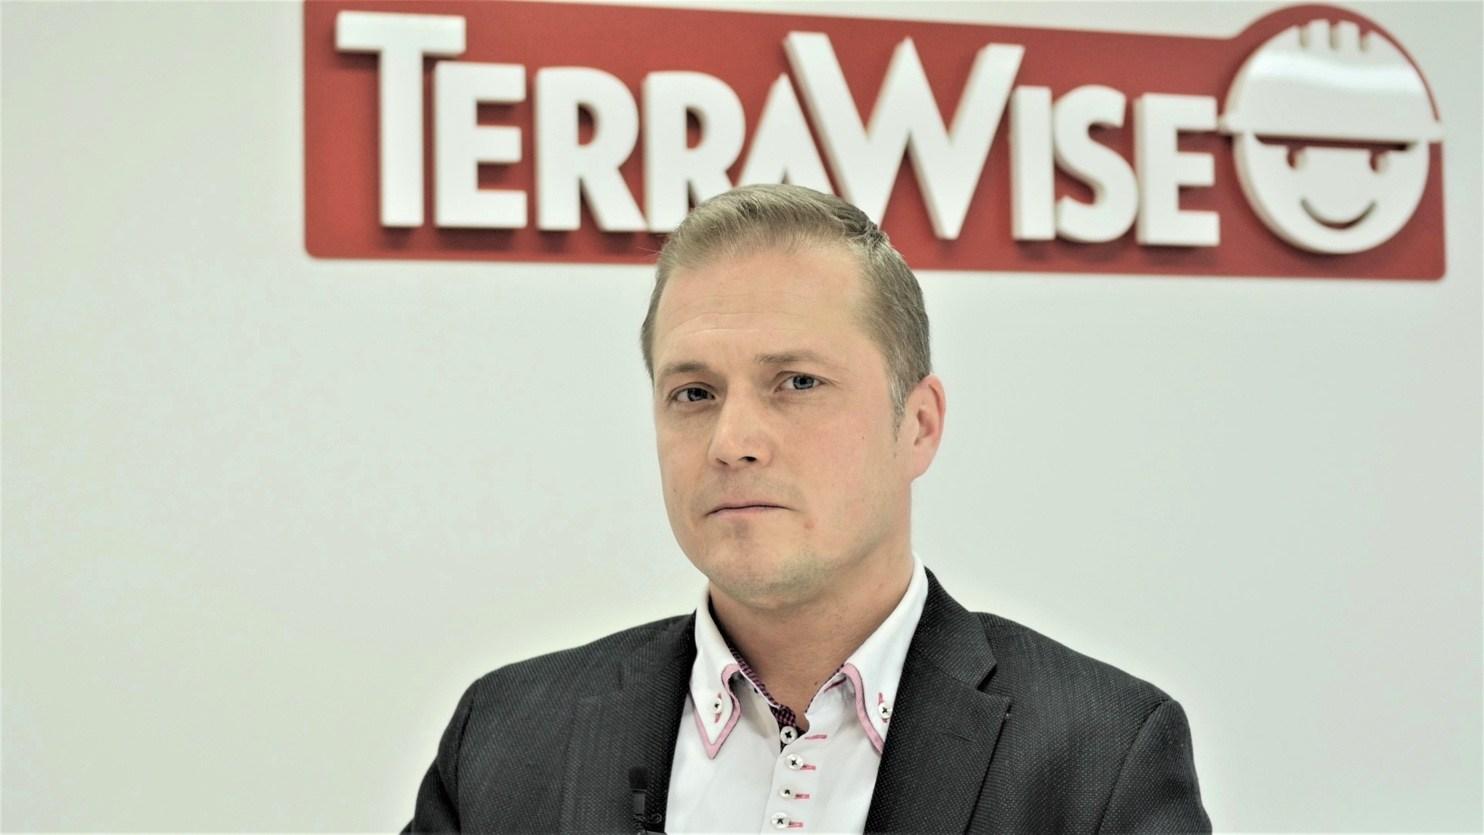 Asiakastarina: Terrawise - TietoAkseli palvelee Terrawisea vaativissa taloushallinnon tehtävissä